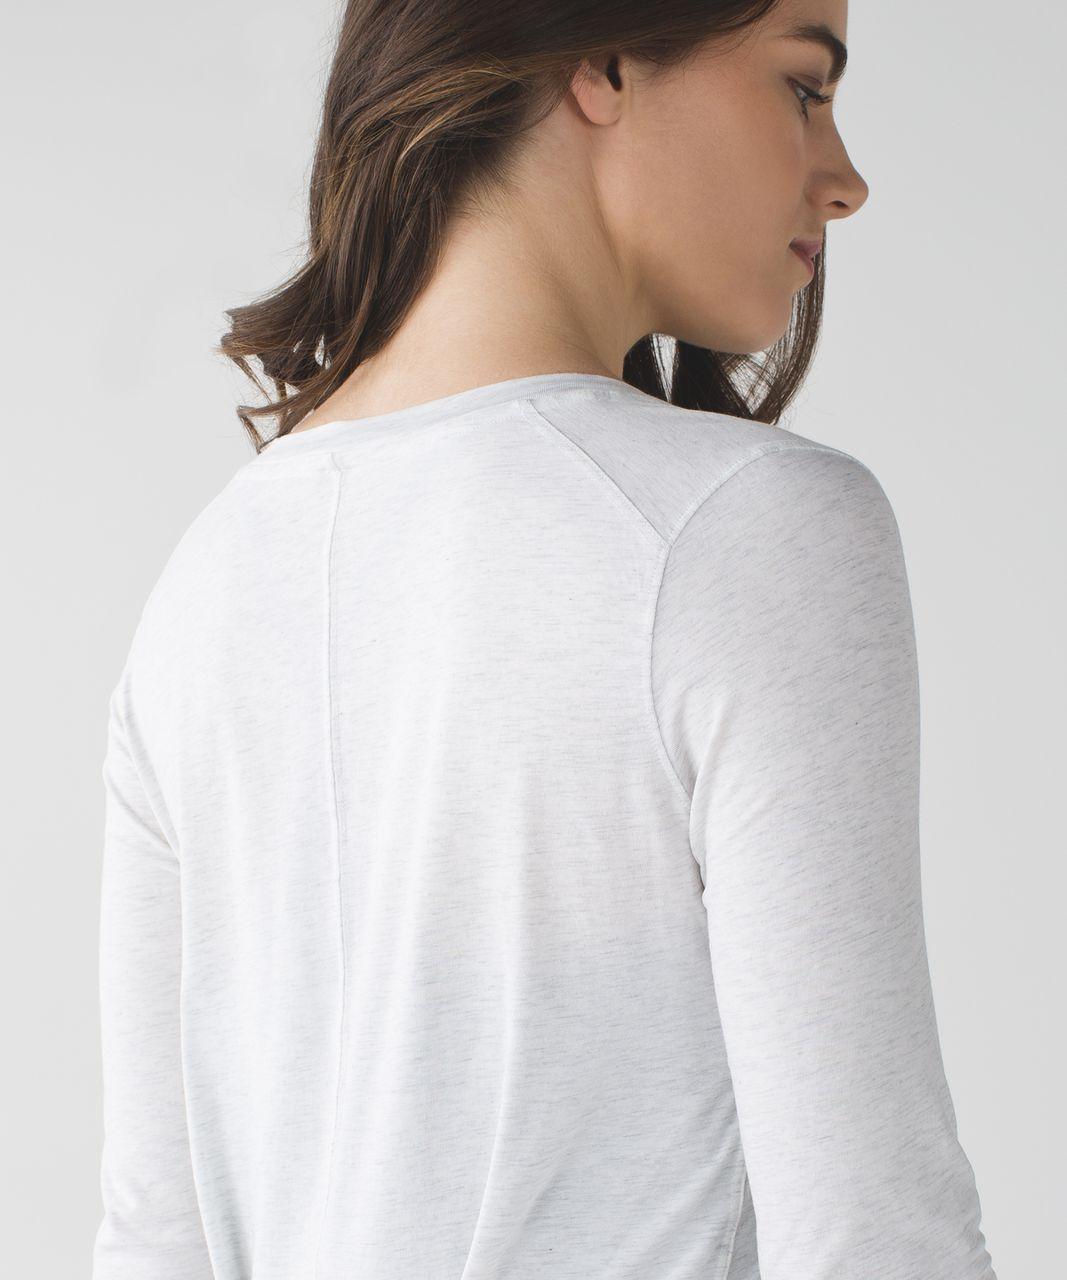 Lululemon Let Be Long Sleeve Tee - Heathered White